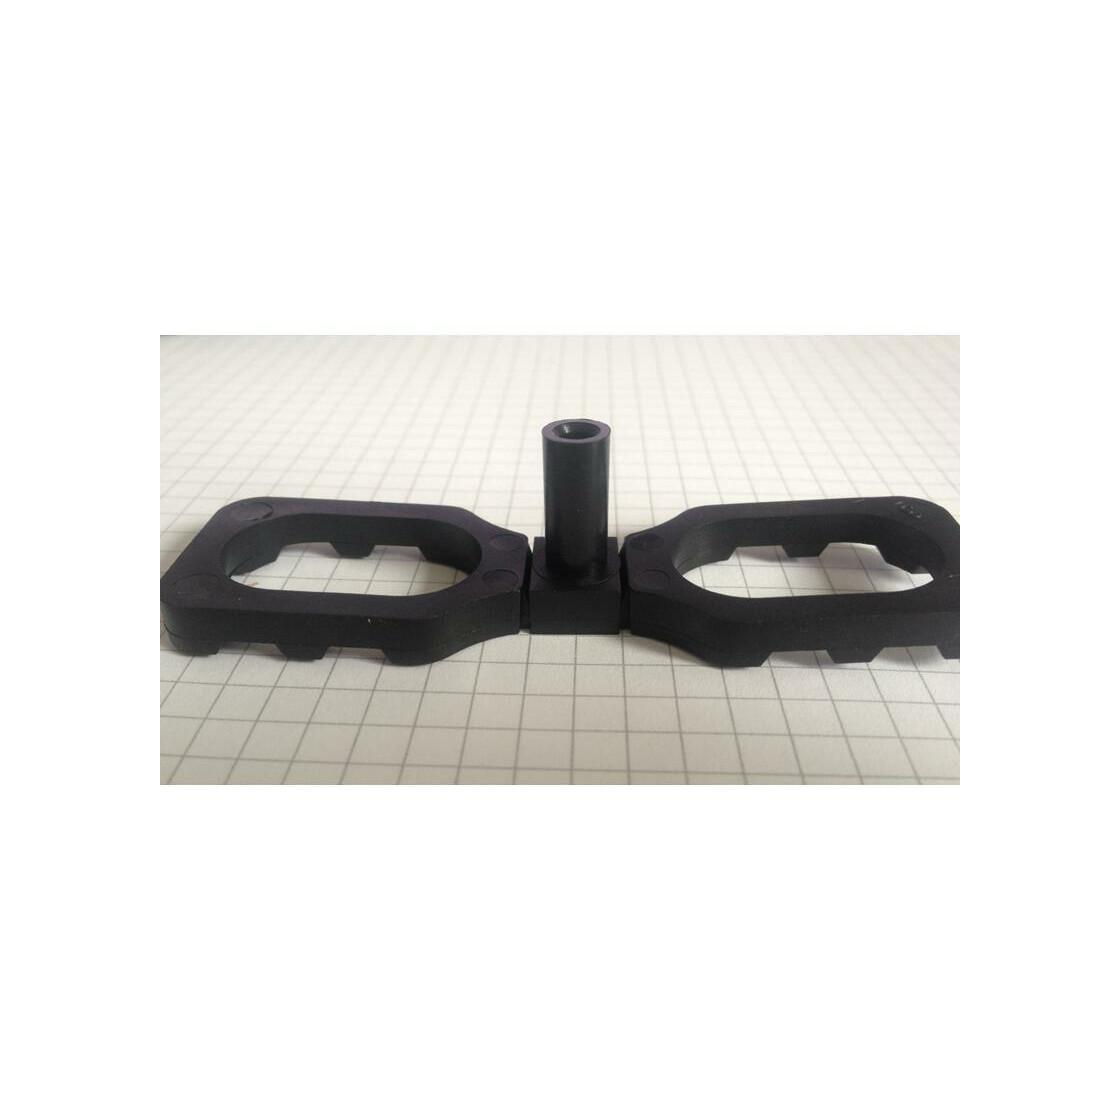 TERRASSENMEISTER Distanzhalter Abstandhalter 4 mm oder 7 mm